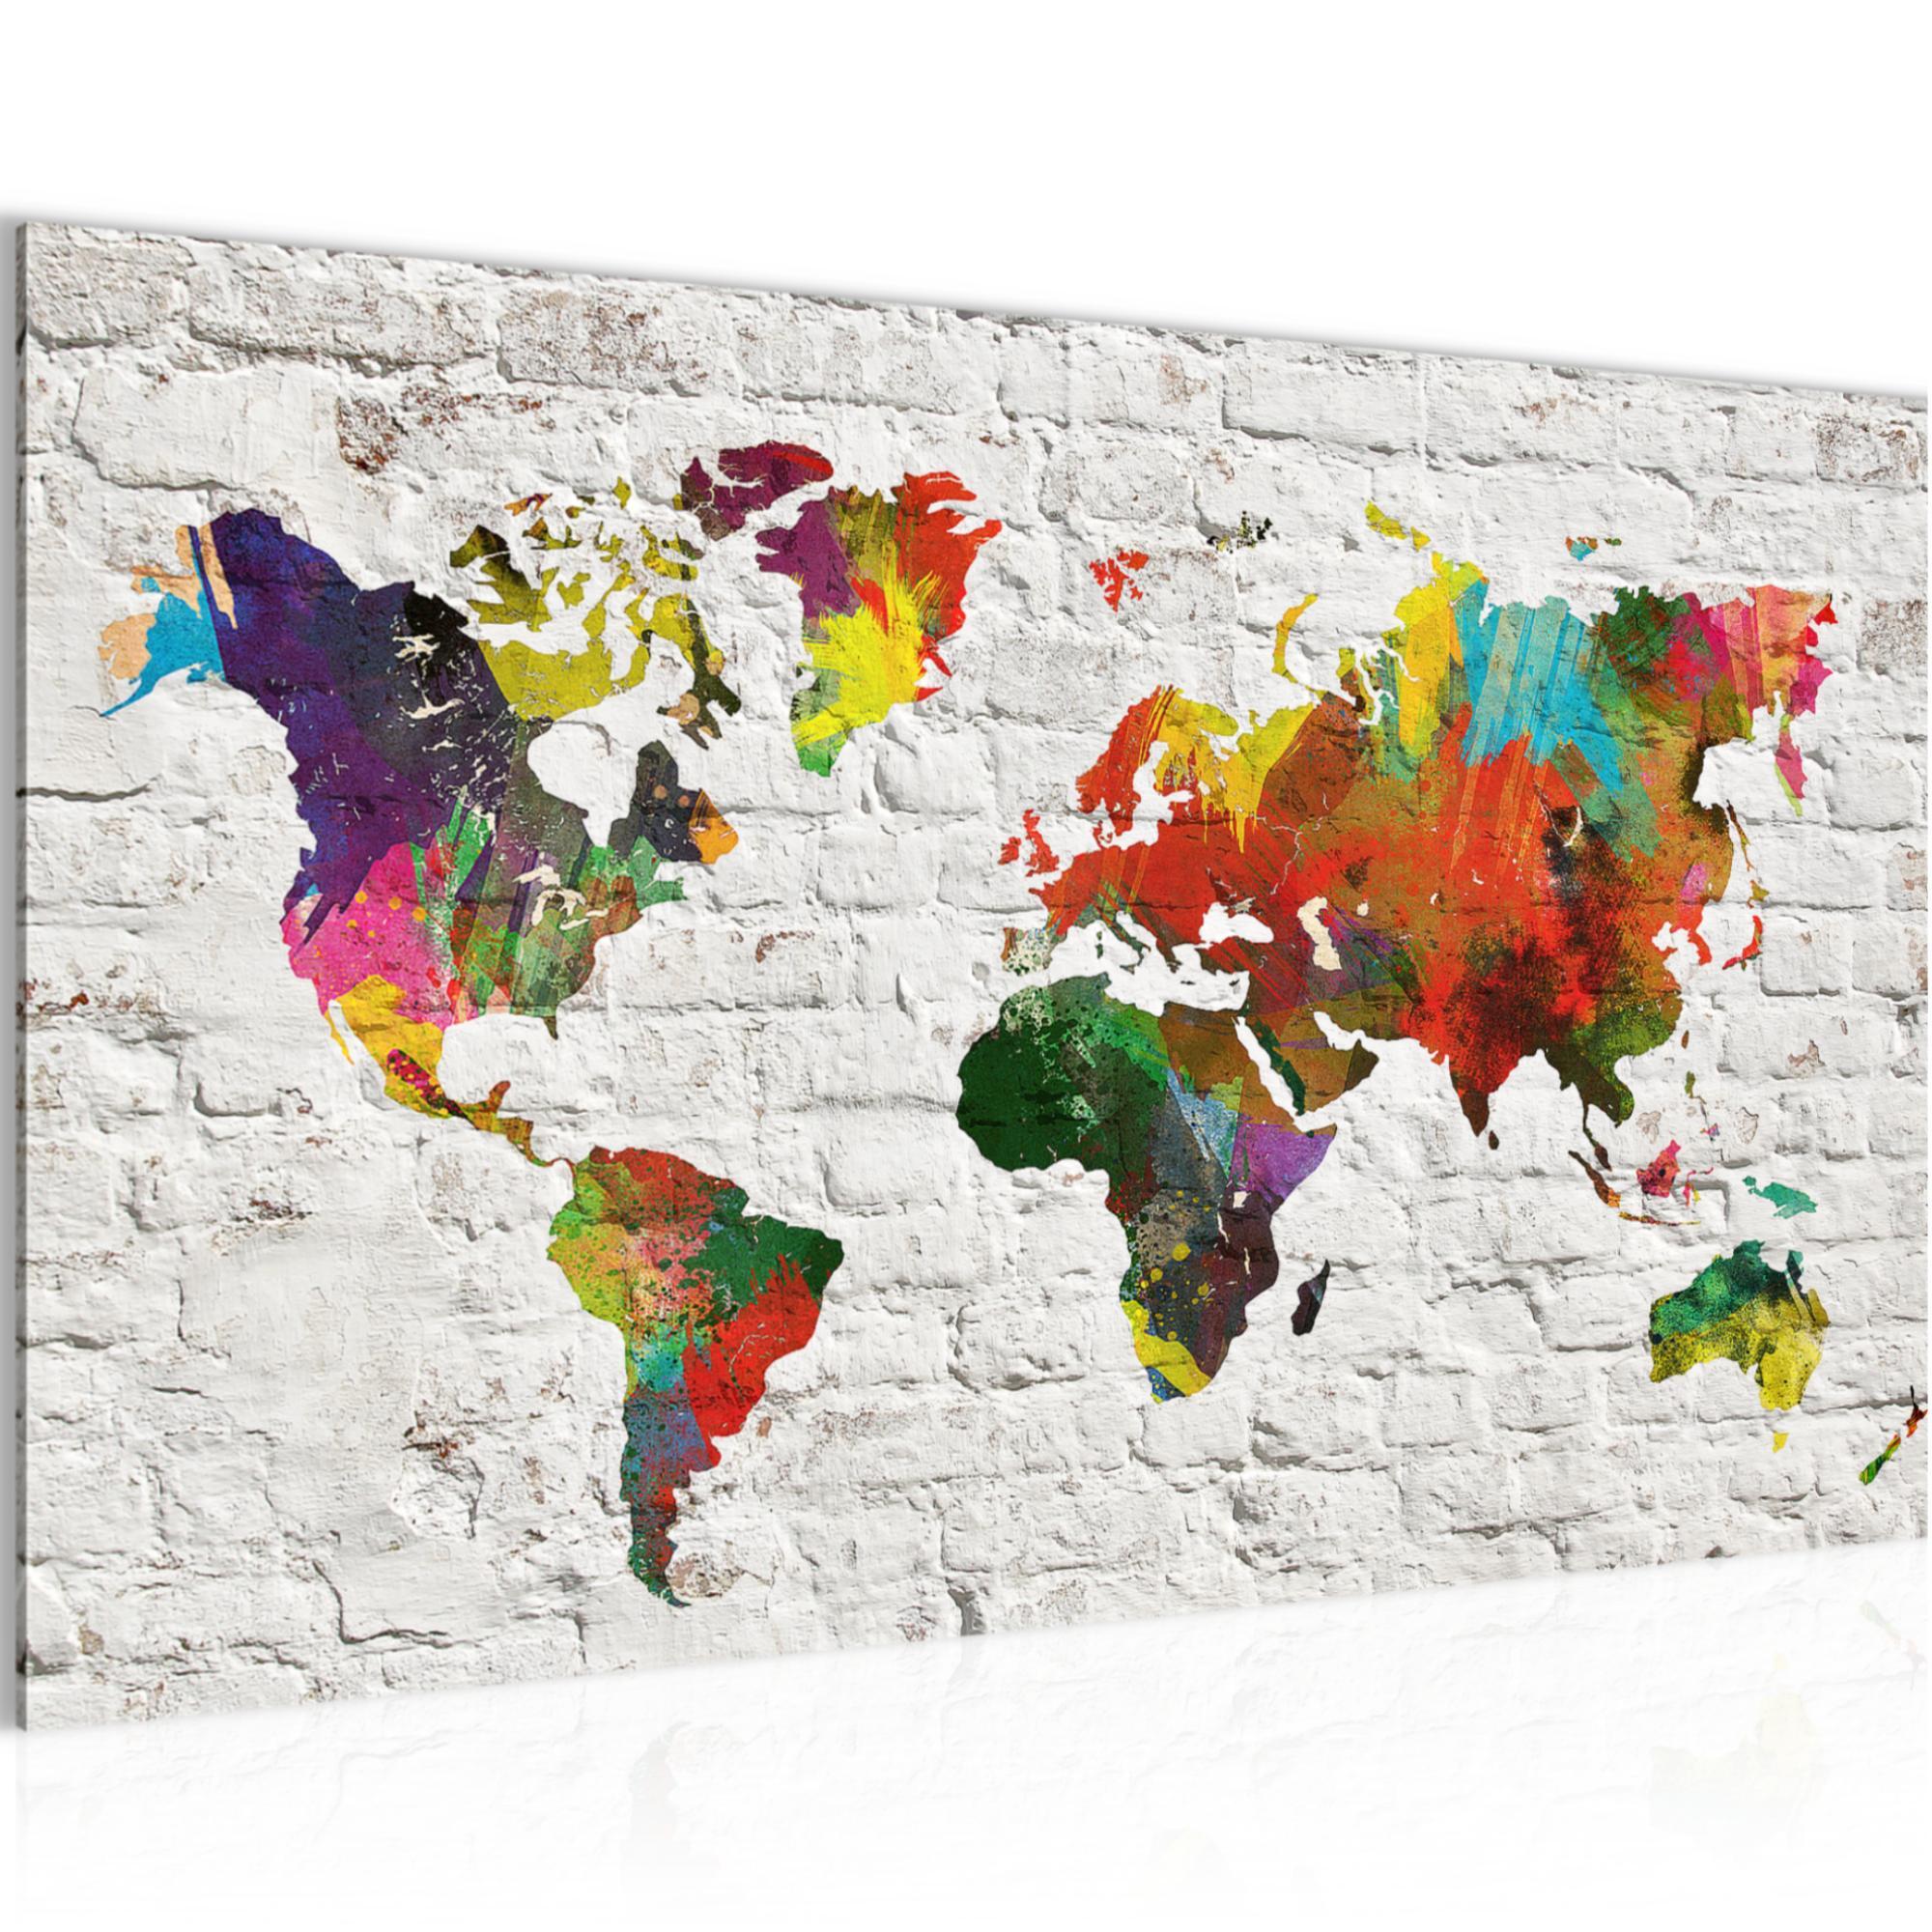 Weltkarte steinwand bild kunstdruck auf vlies leinwand xxl dekoration 106914p - Weltkarte bild leinwand ...